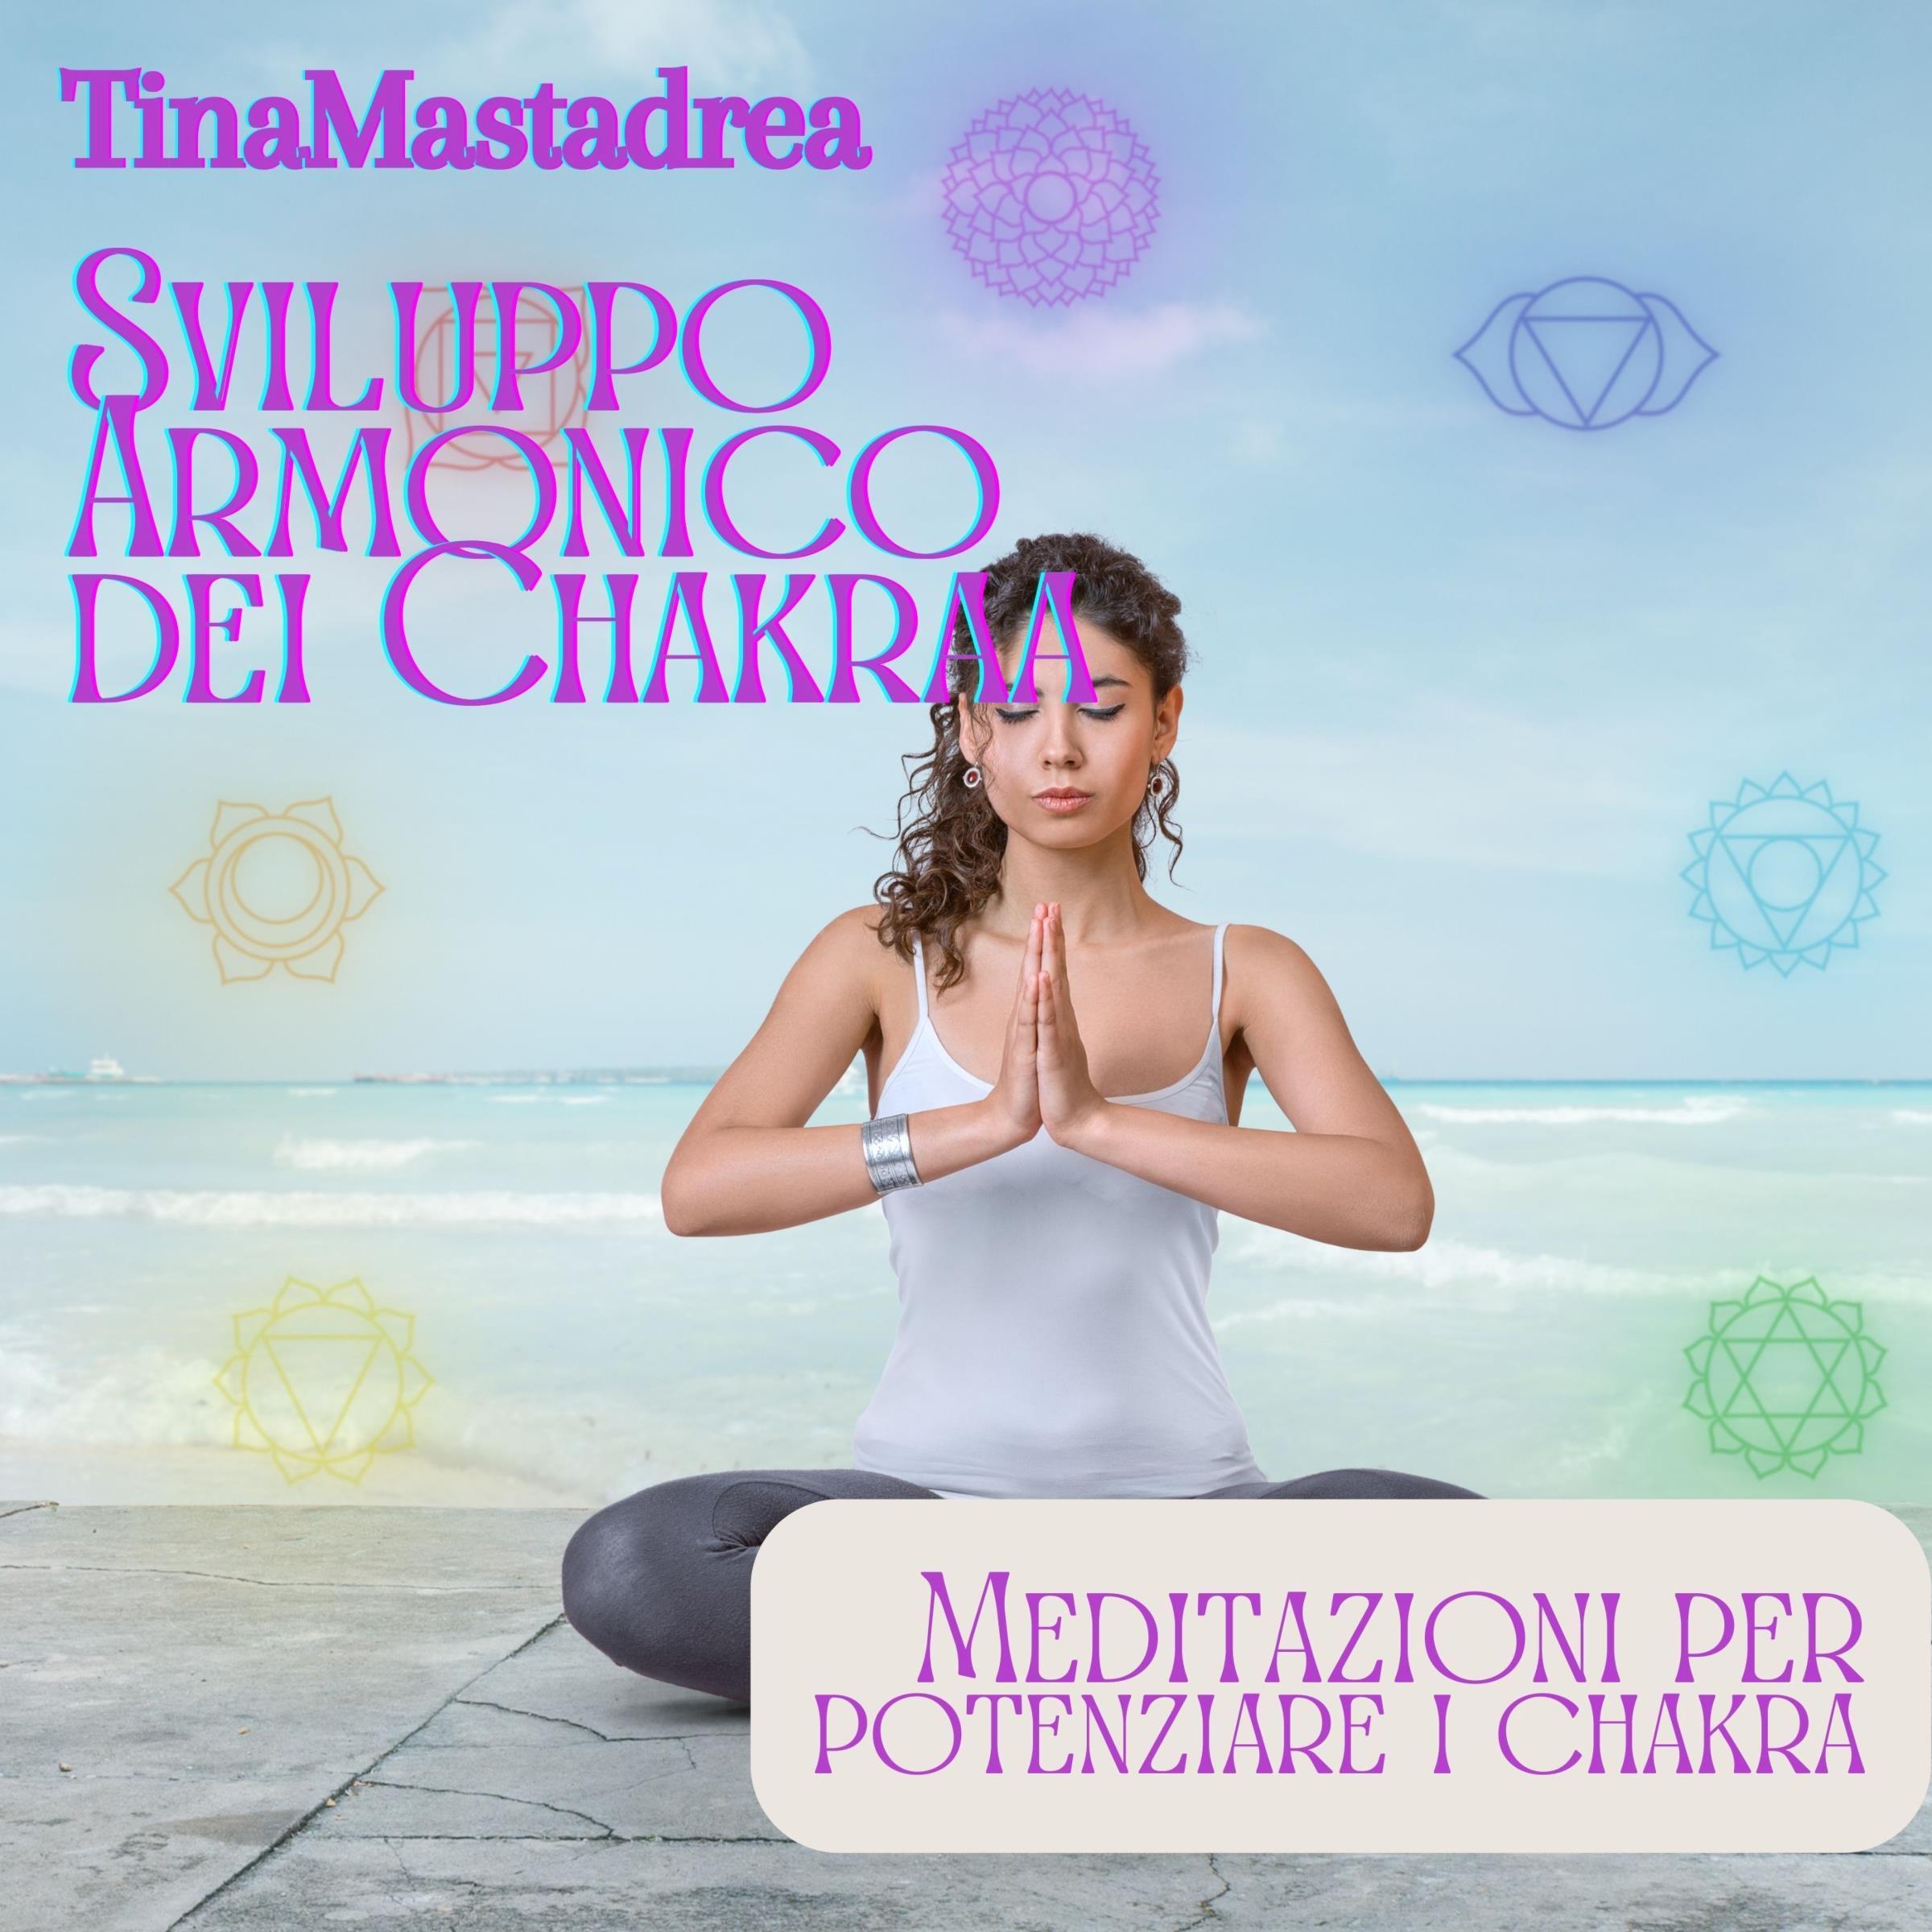 Sviluppo Armonico dei Chakras